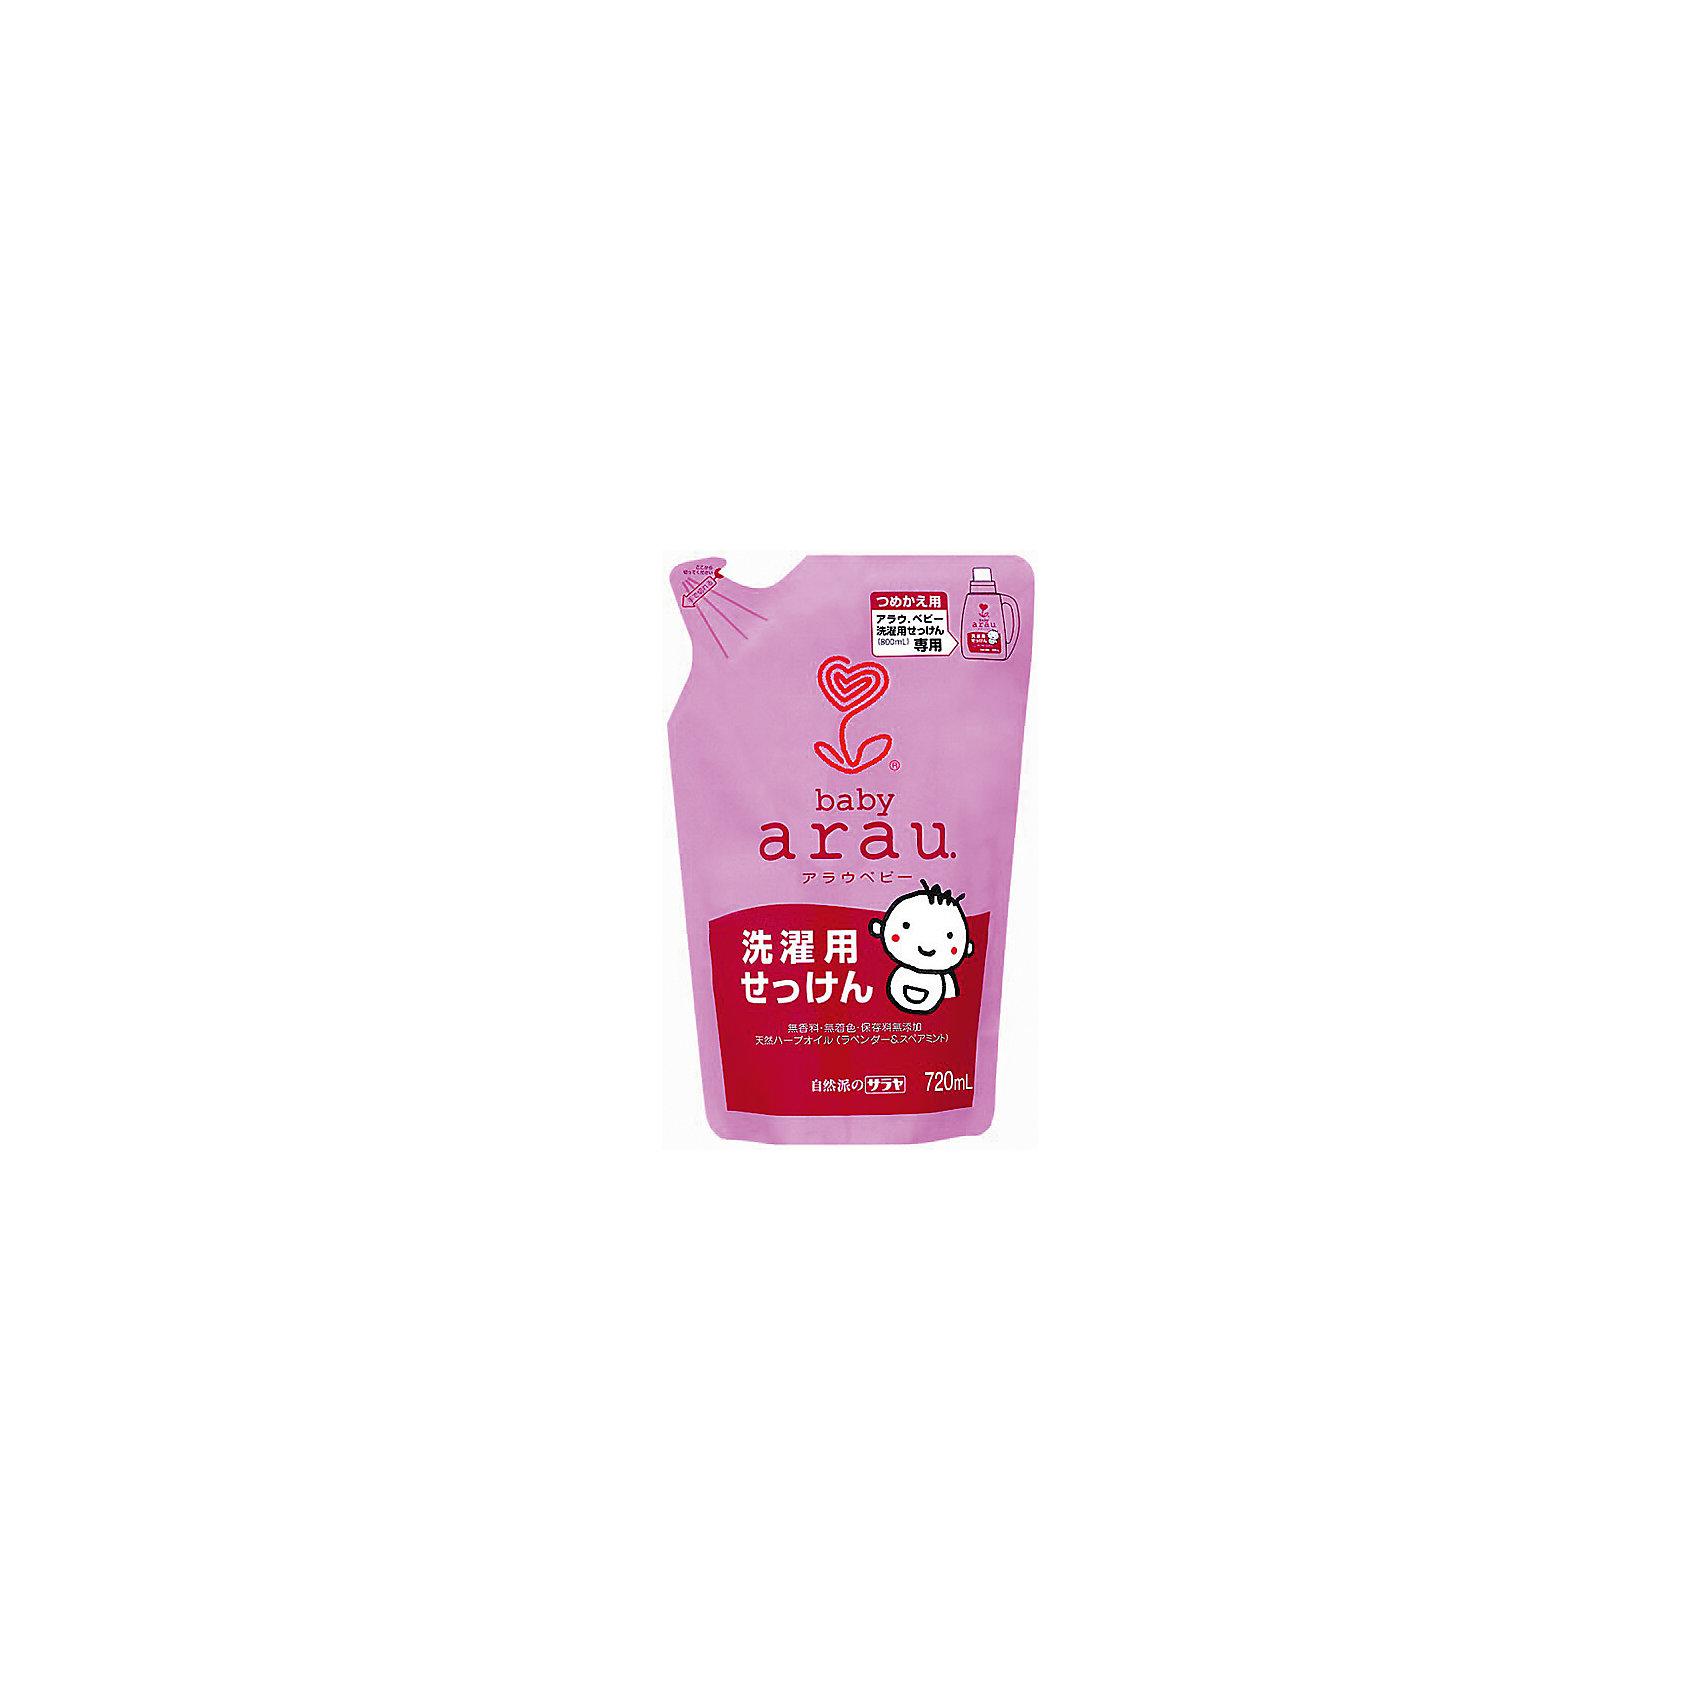 Жидкость для стирки детской одежды Arau Baby, 720 мл. (картридж), saraya (Saraya)